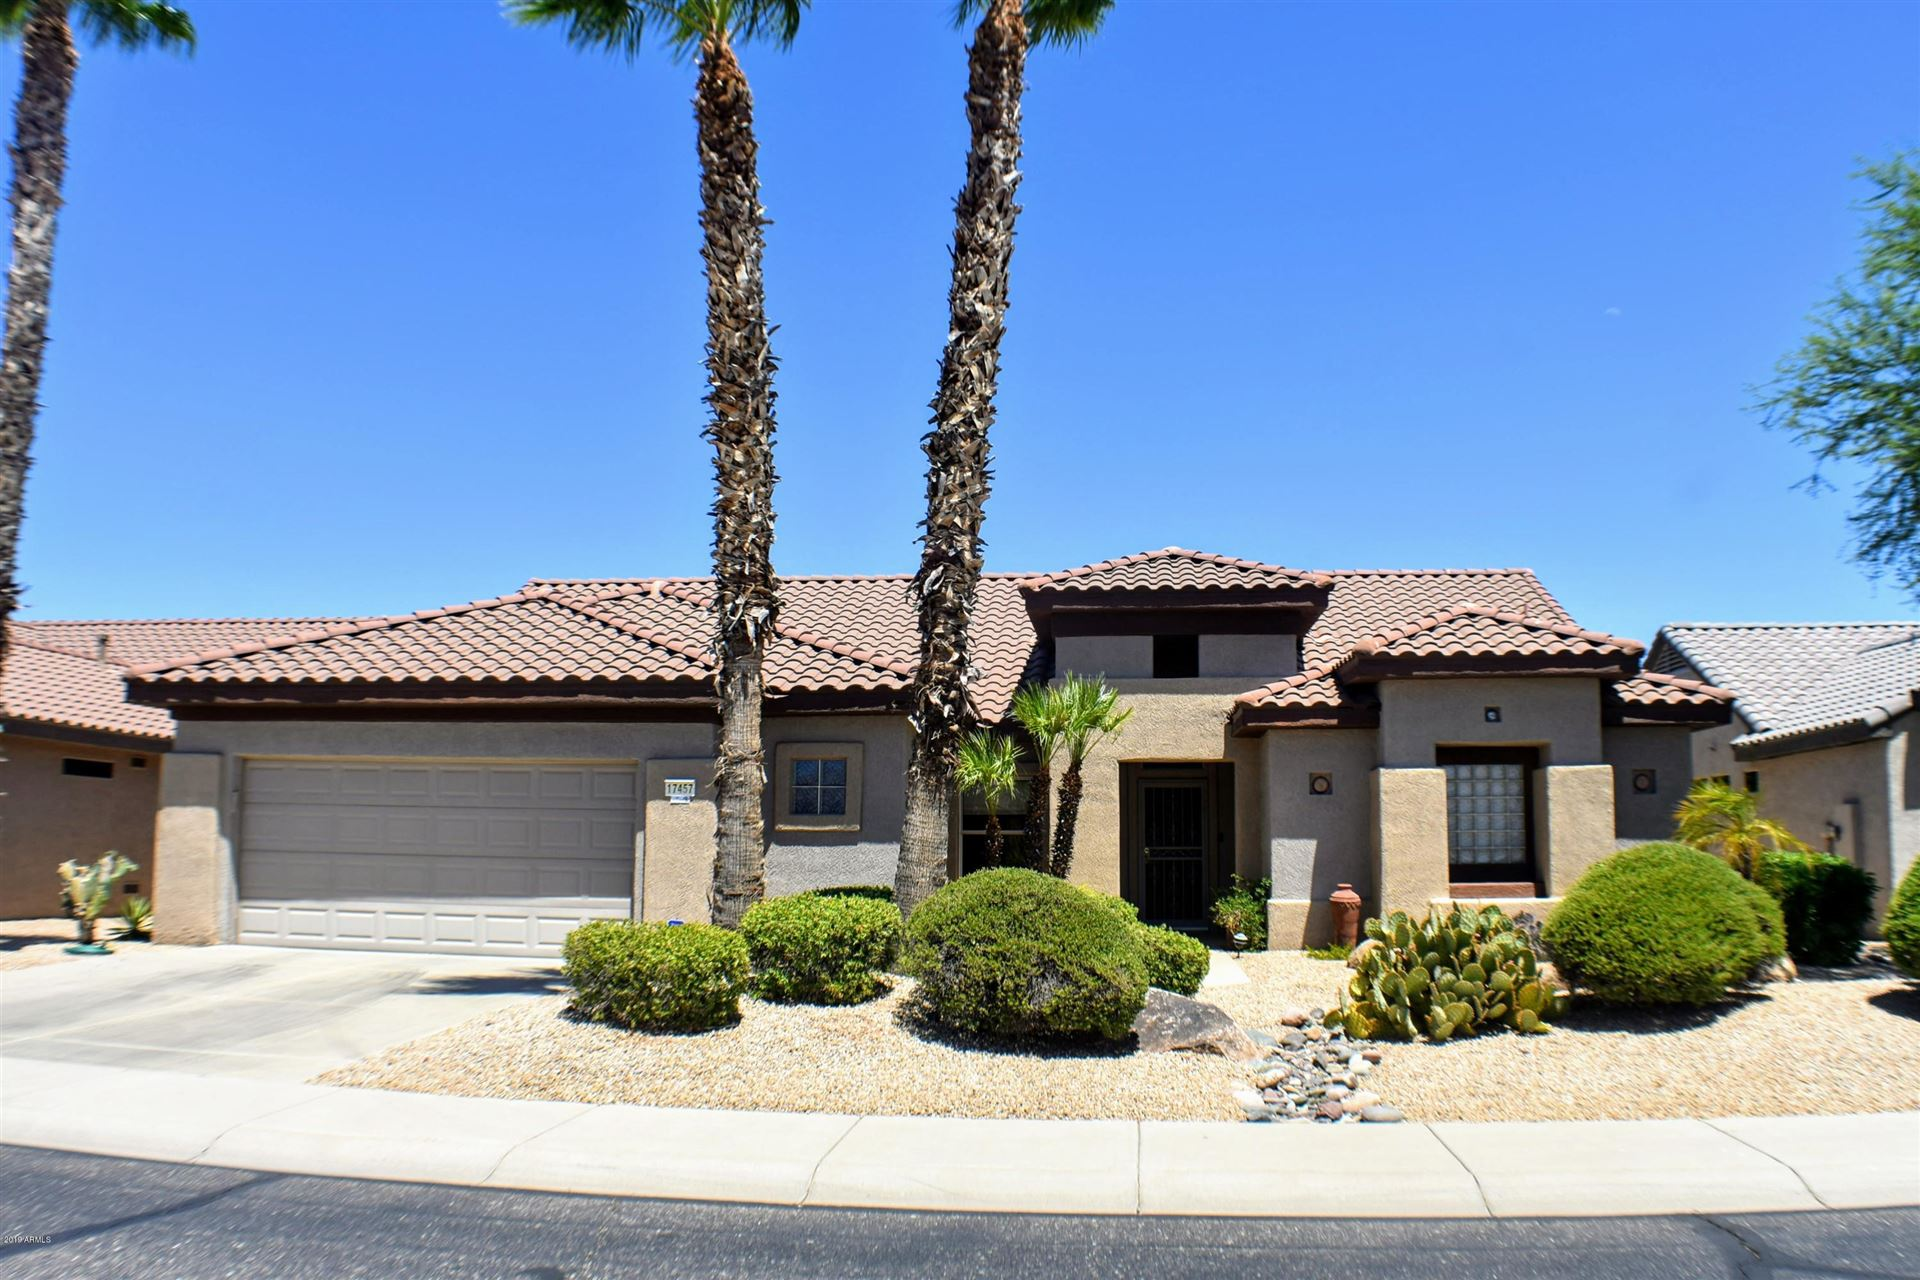 17457 N ESTRELLA VISTA Drive, Surprise, AZ 85374 - MLS#: 5948300